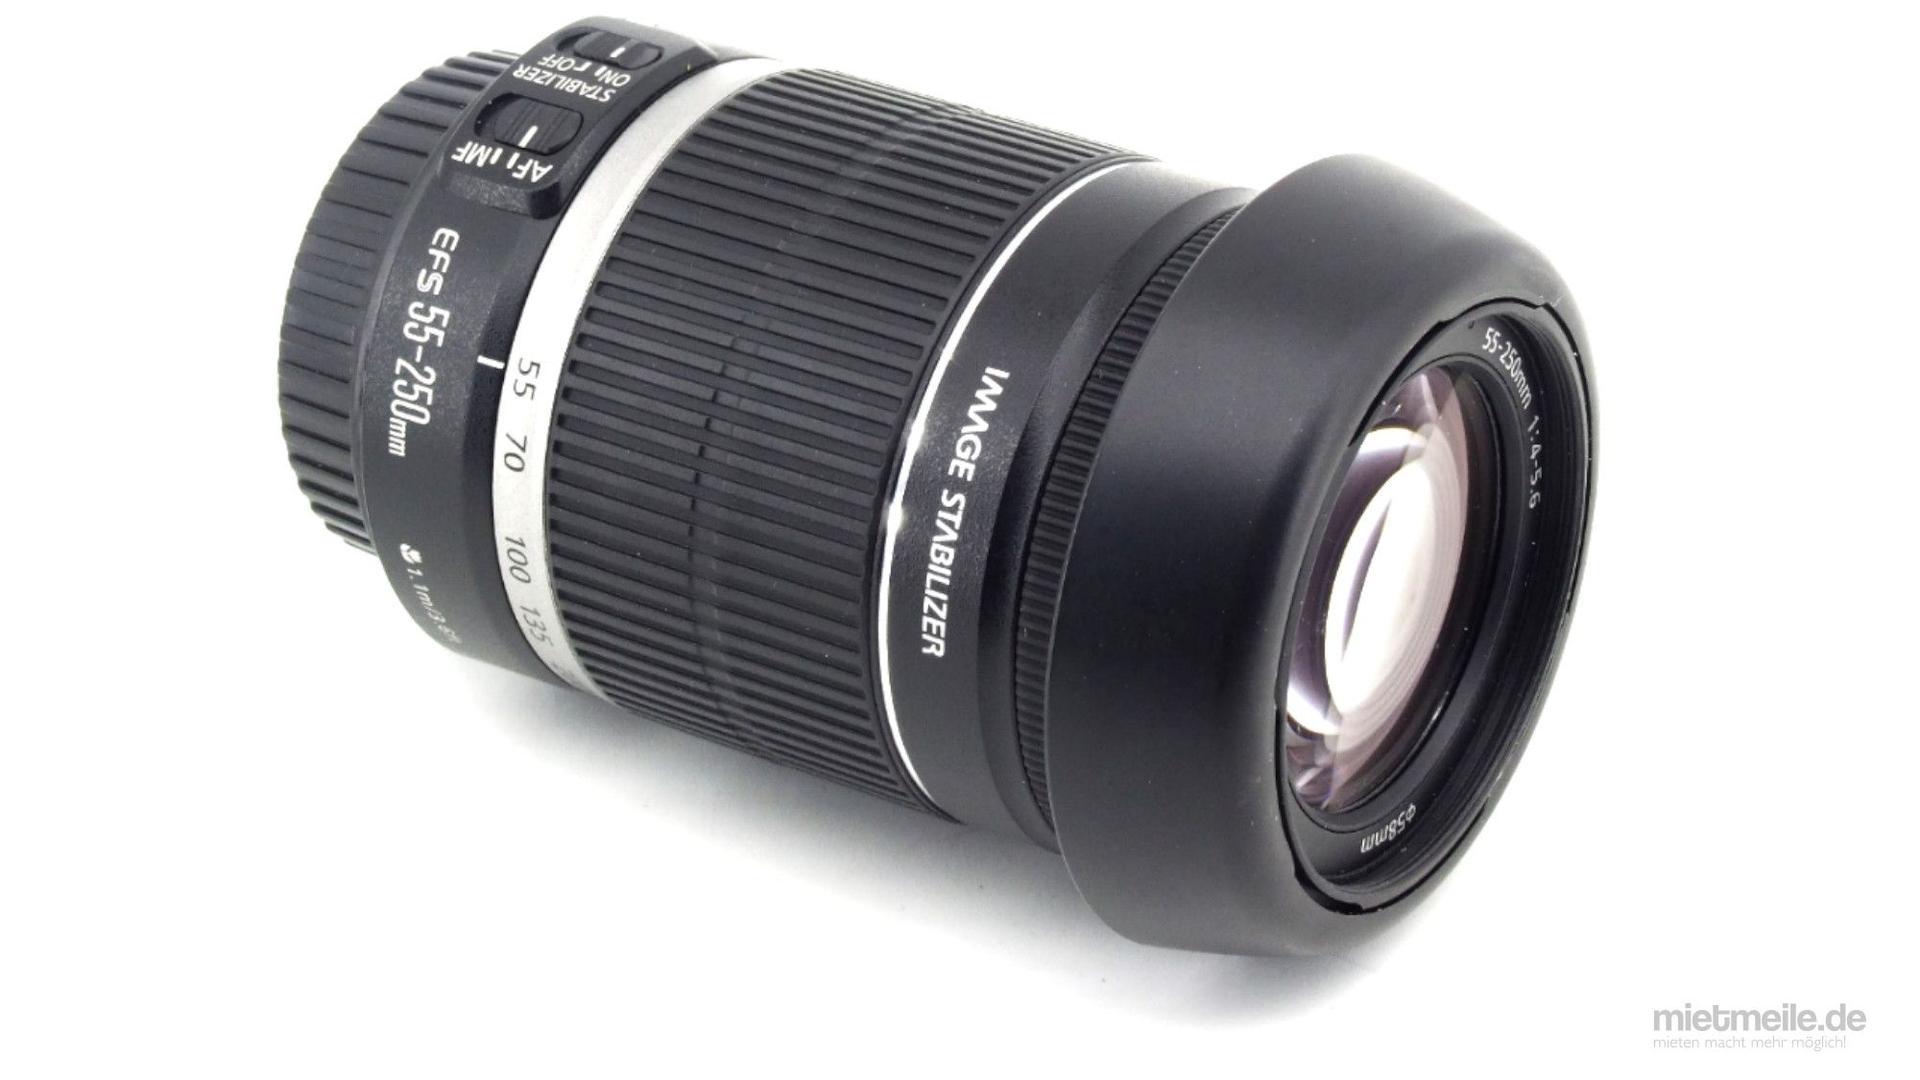 Objektive mieten & vermieten - Tele-Zoom Objektiv Canon EF-S 55-250mm F/3.5 IS in Schkeuditz